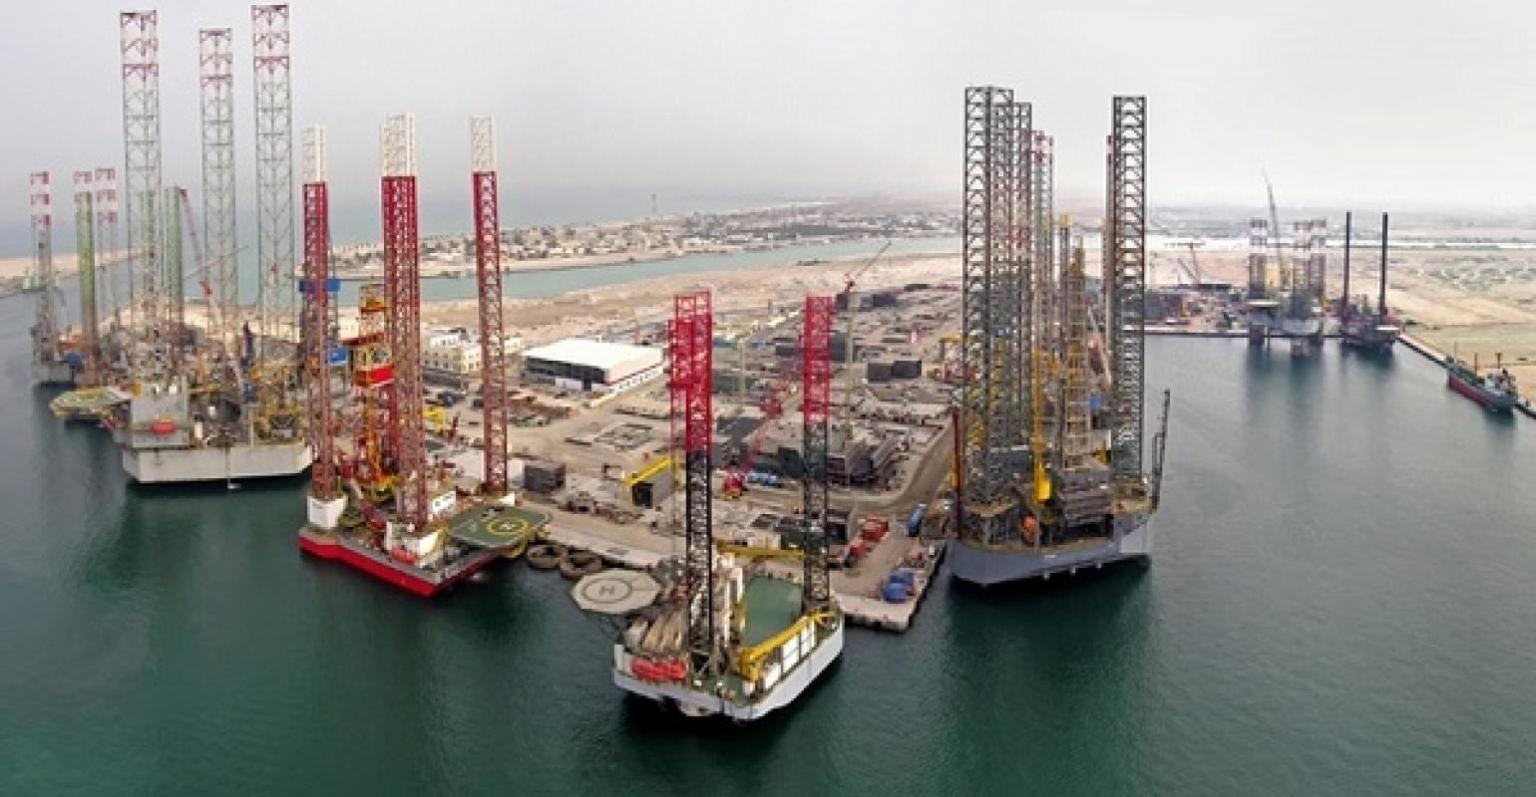 Vagas de emprego hoje (03) para técnicos inspetores em empresa de engenharia de inspeção onshore e offshore